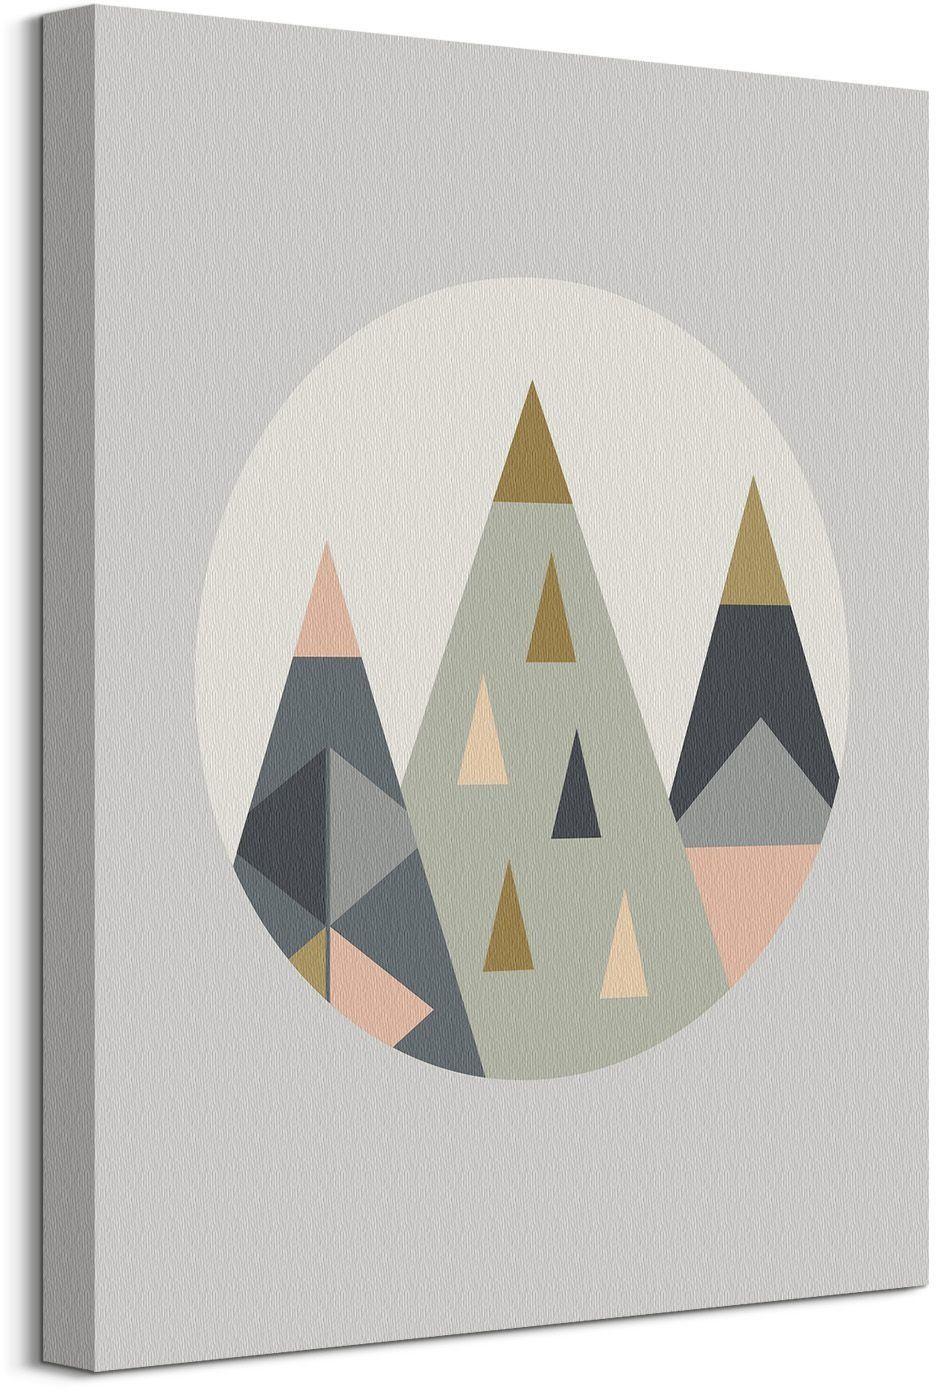 Trójkątne góry - obraz na płótnie